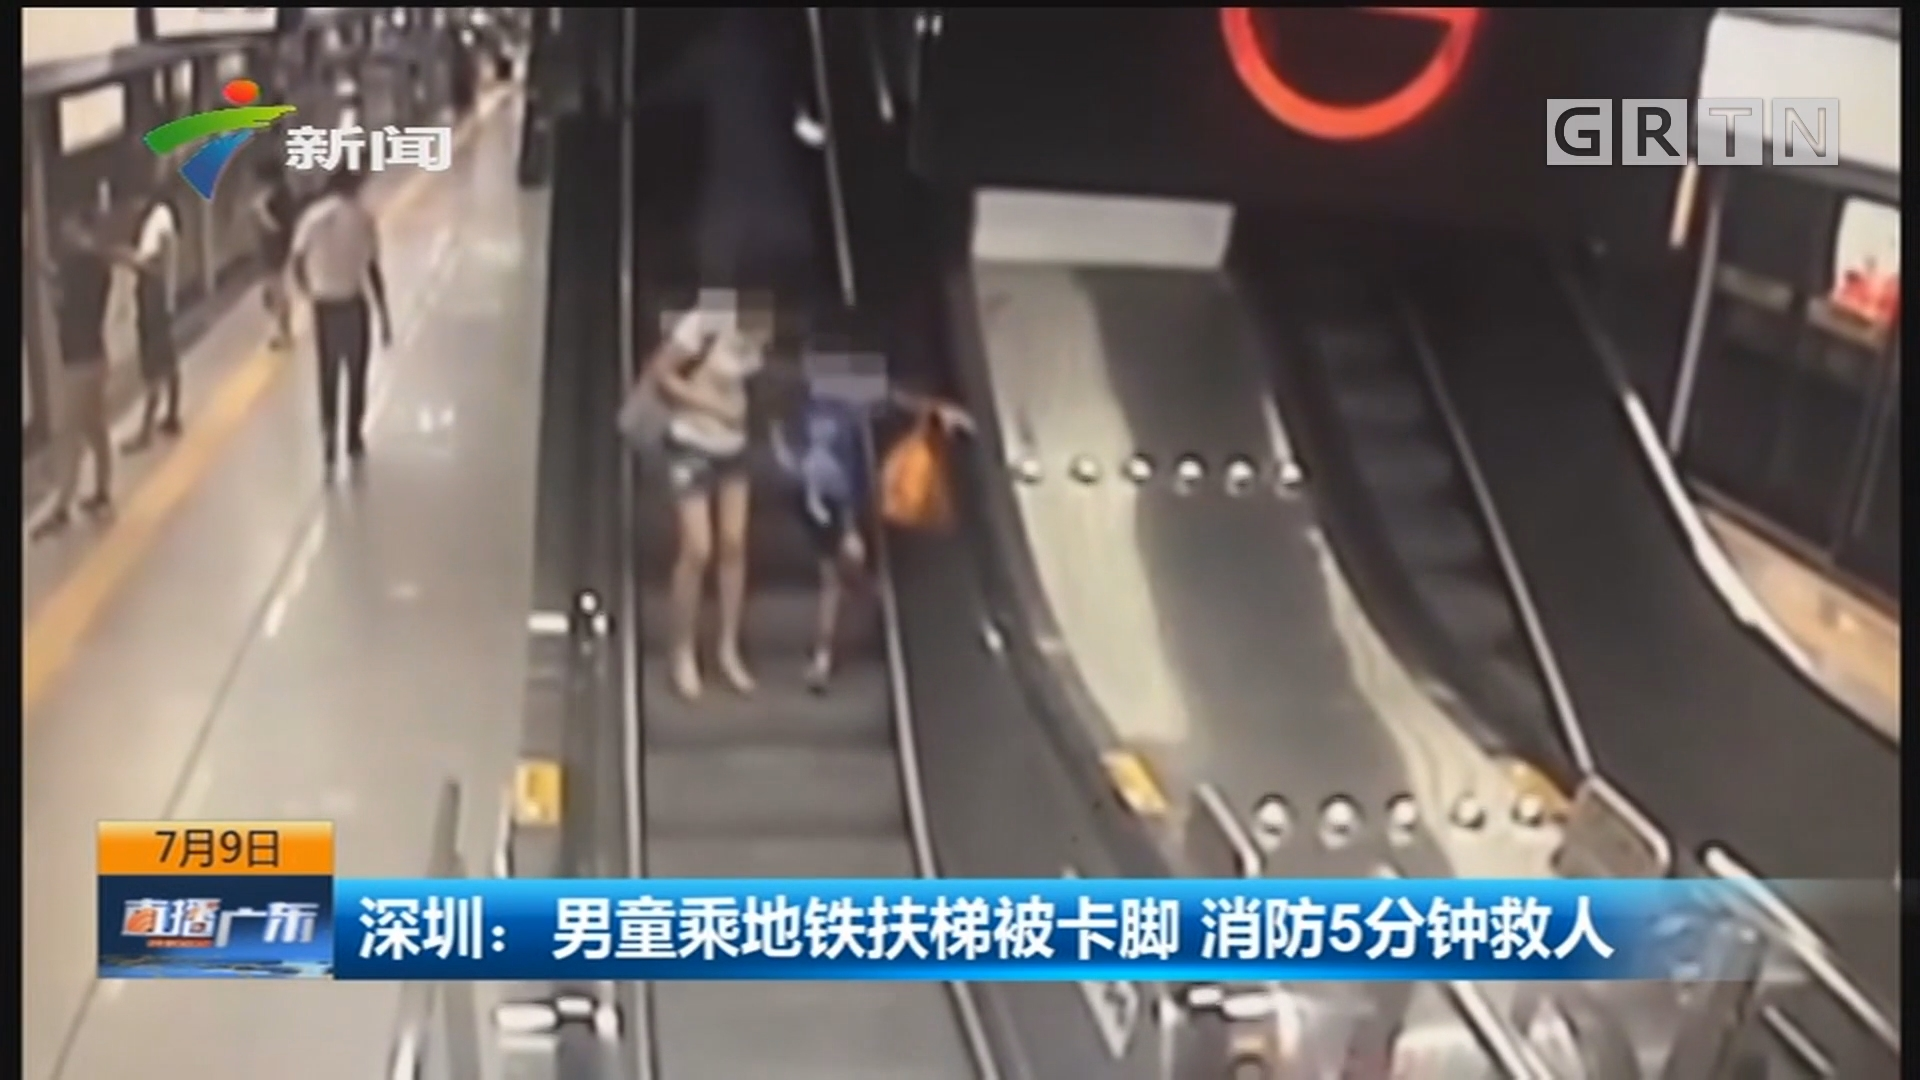 深圳:男童乘地铁扶梯被卡脚 消防5分钟救人